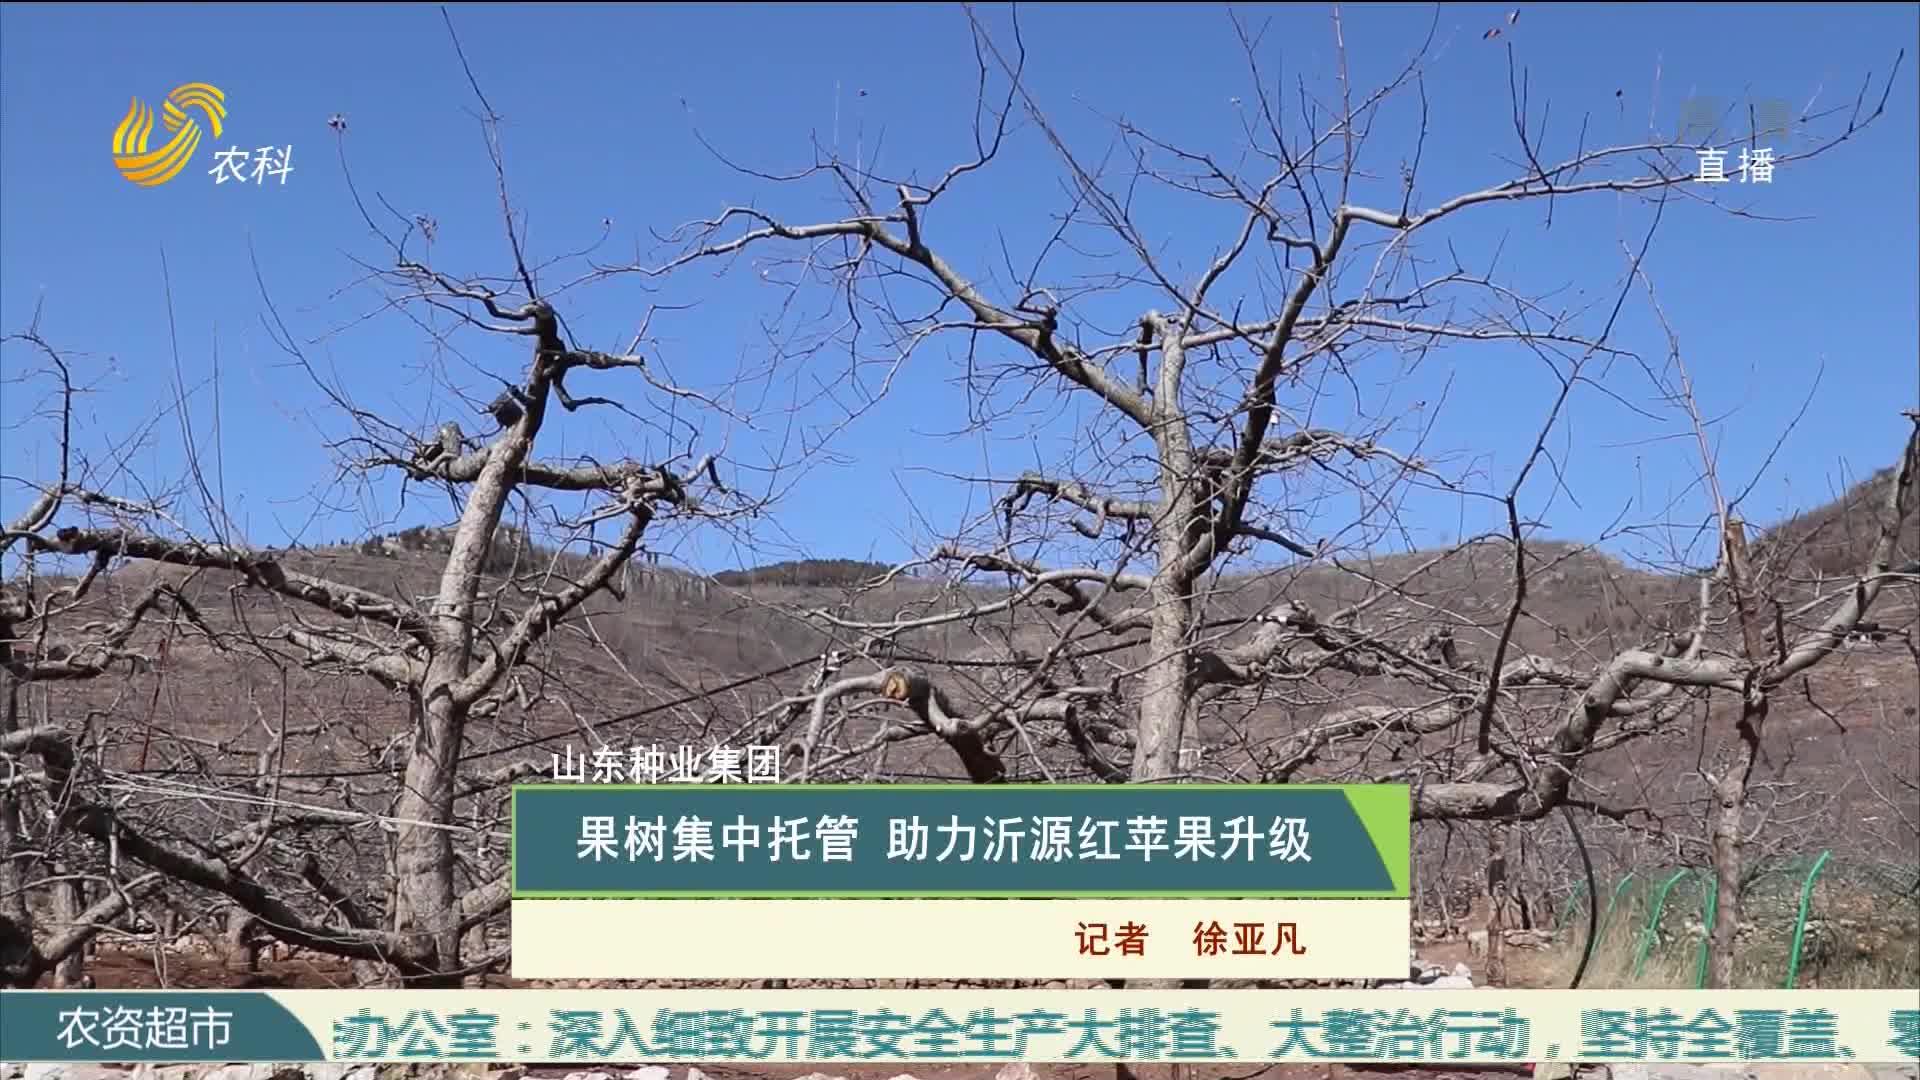 【山东种业集团】果树集中托管 助力沂源红苹果升级